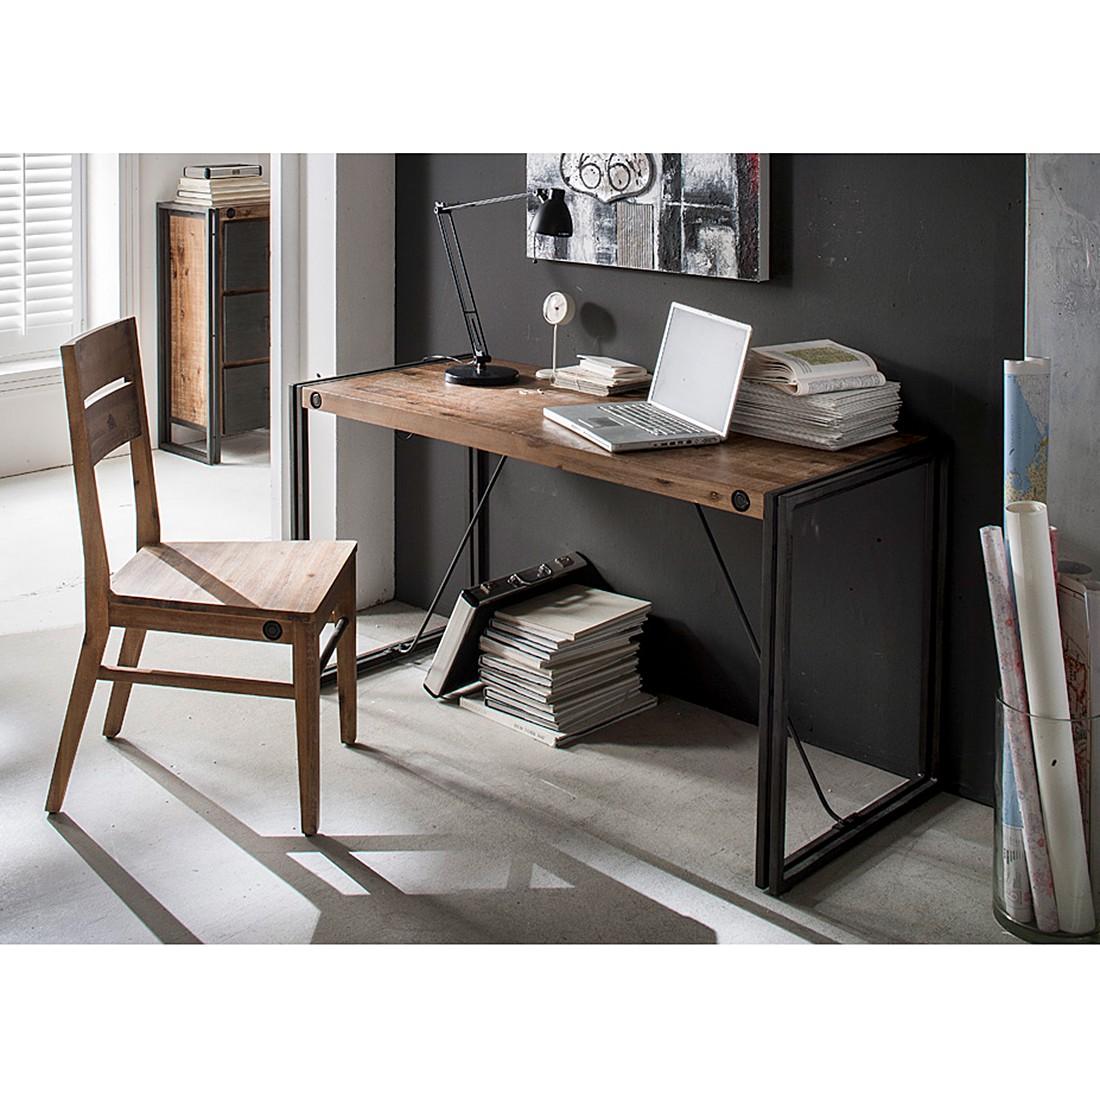 schreibtisch industrial. Black Bedroom Furniture Sets. Home Design Ideas